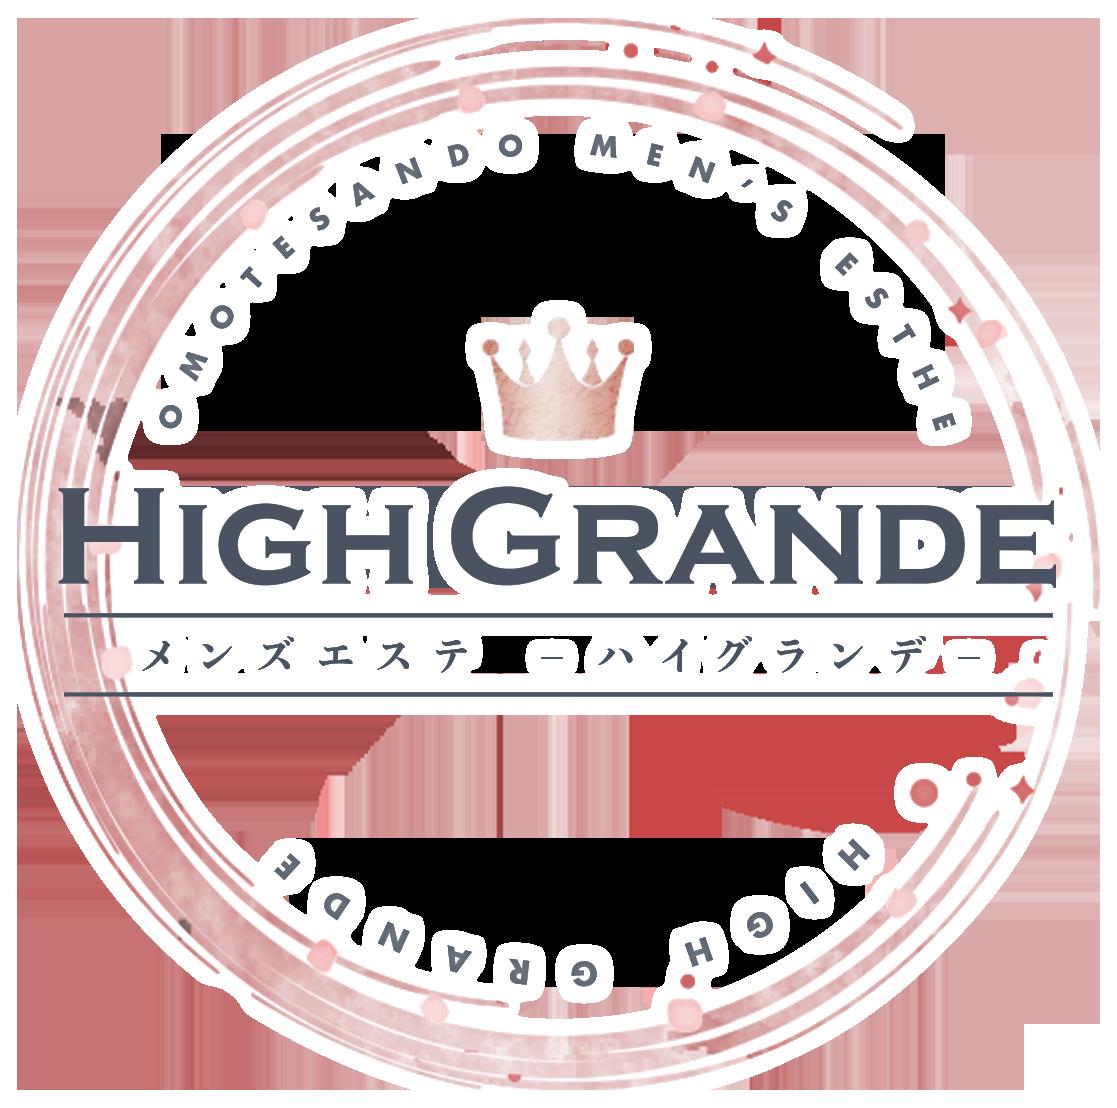 メンズエステ High Grande ハイグランデ TOP INDEX